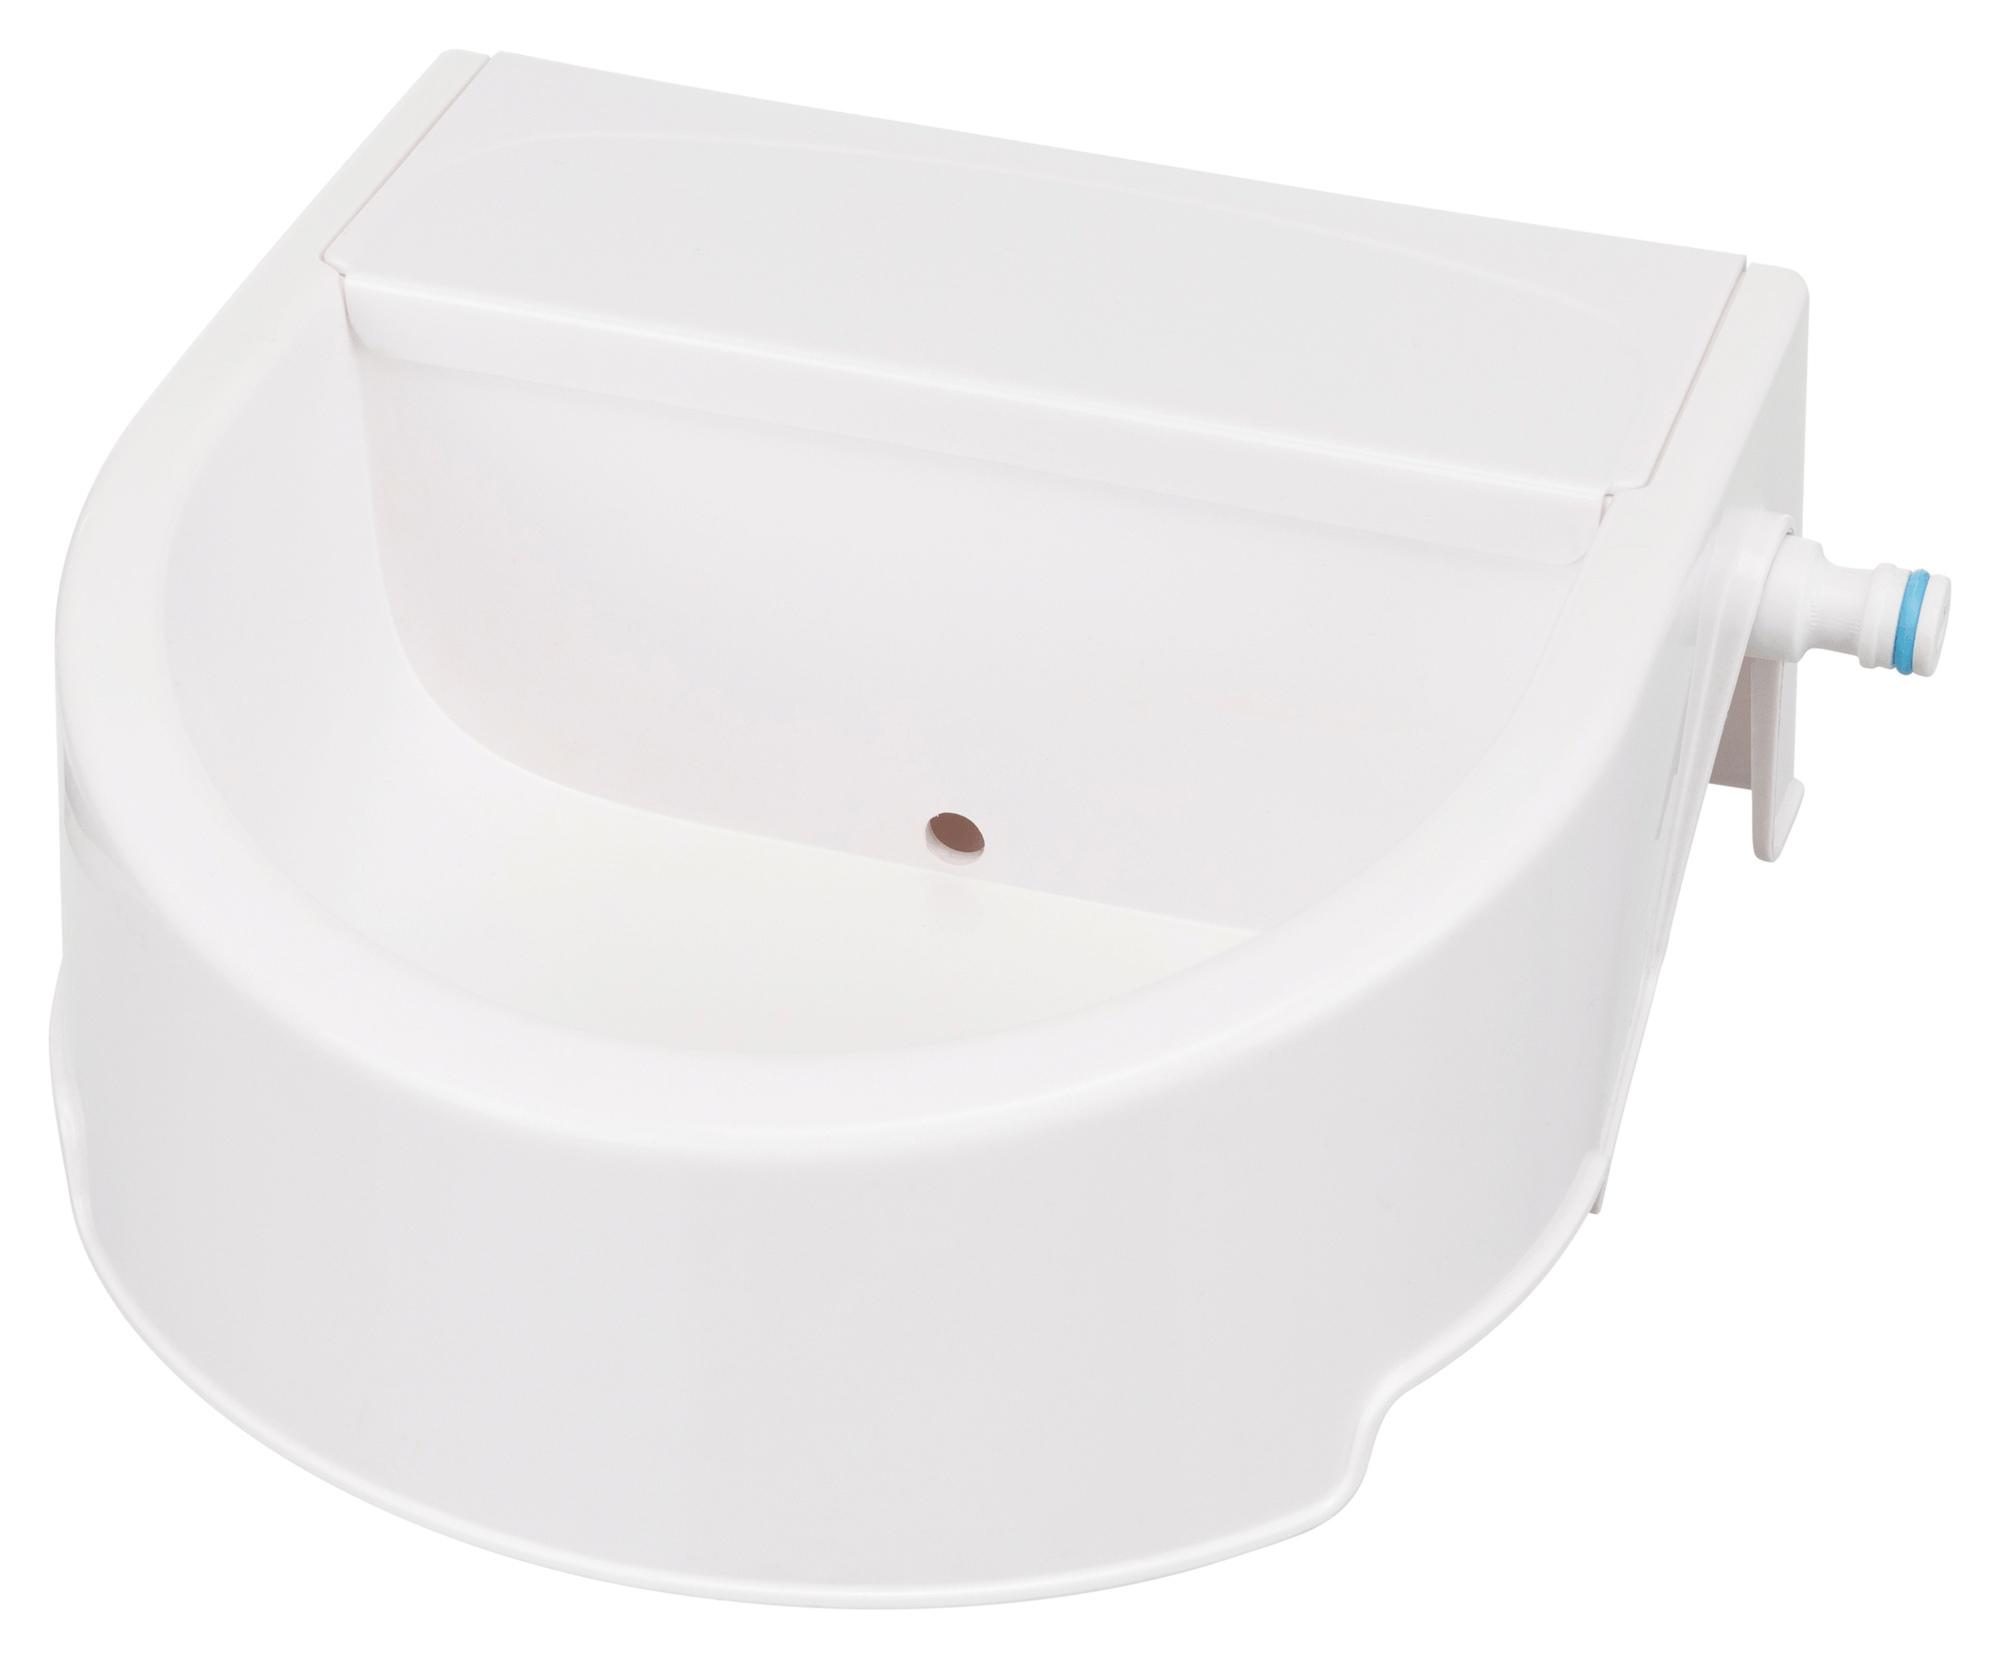 TRIXIE Automatische Outdoor-Tränke, 1,5 l/24 × 10 × 23 cm, weiß